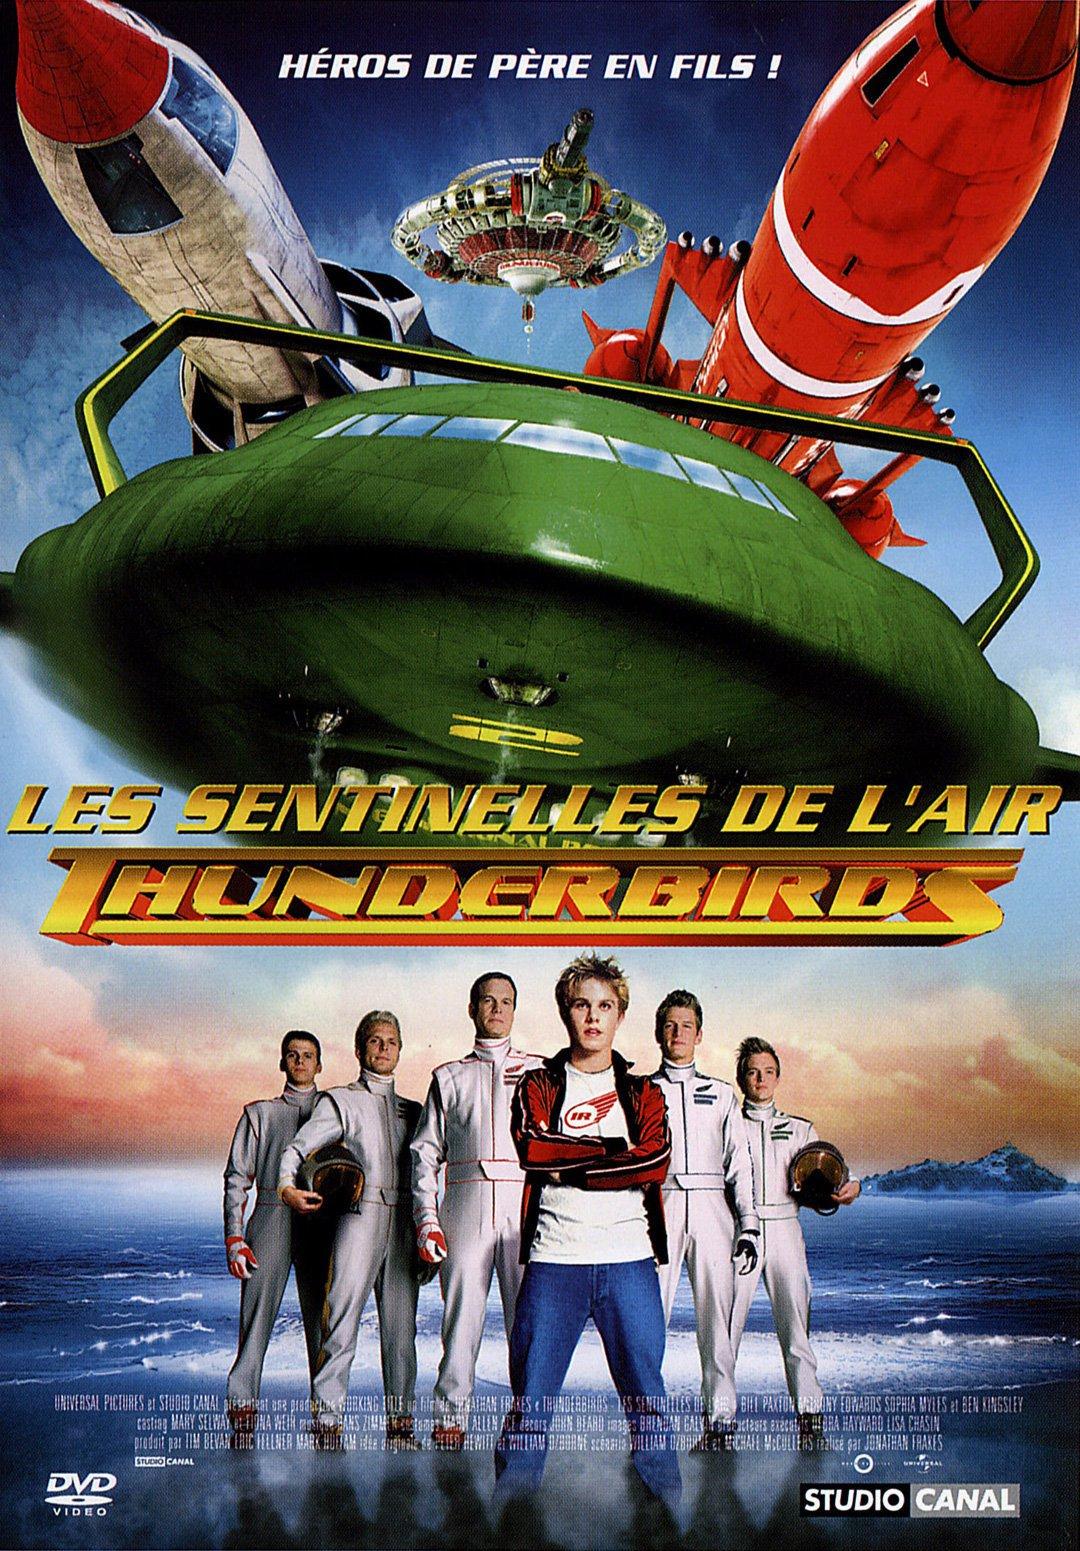 affiche du film Thunderbirds: Les sentinelles de l'air